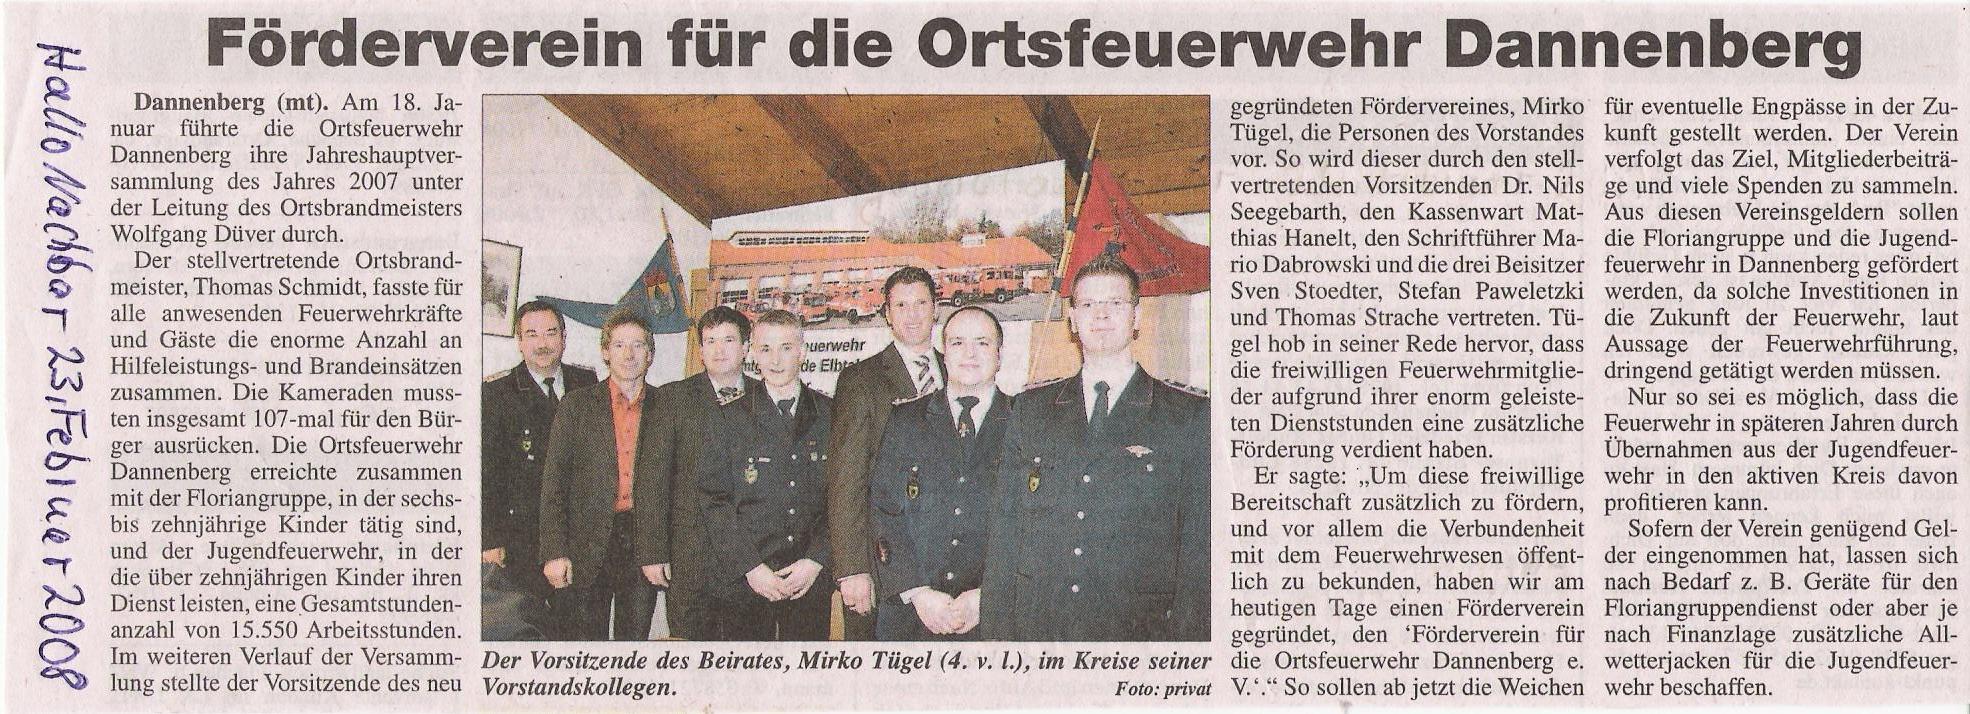 hallo-nachbar-2008-02-23.jpg